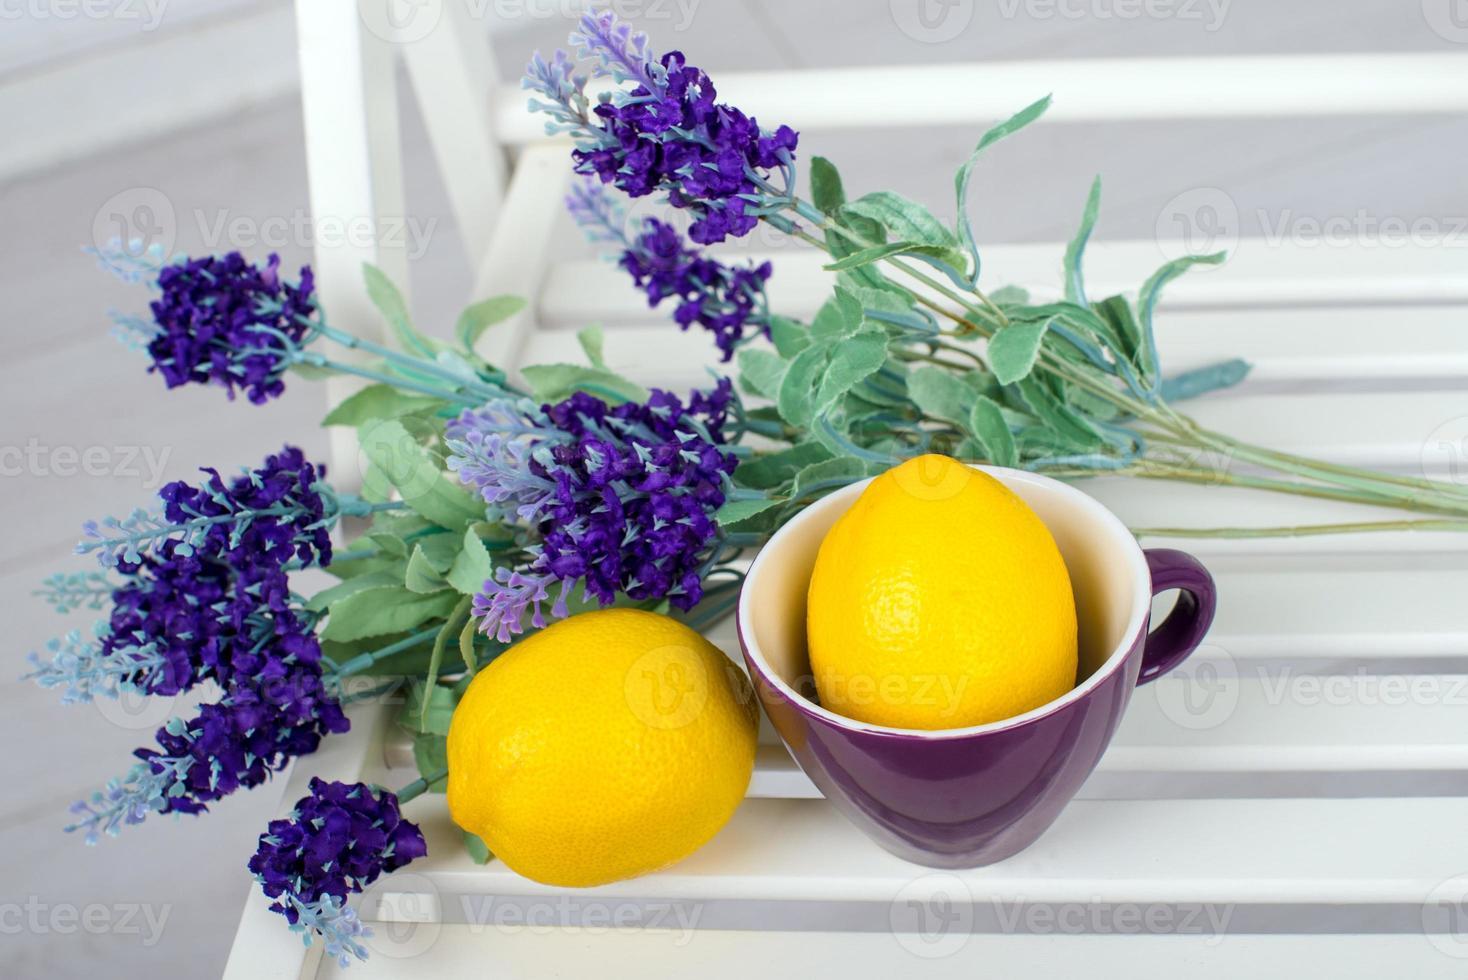 Bodegón con limones frescos y lavanda sobre fondo claro foto